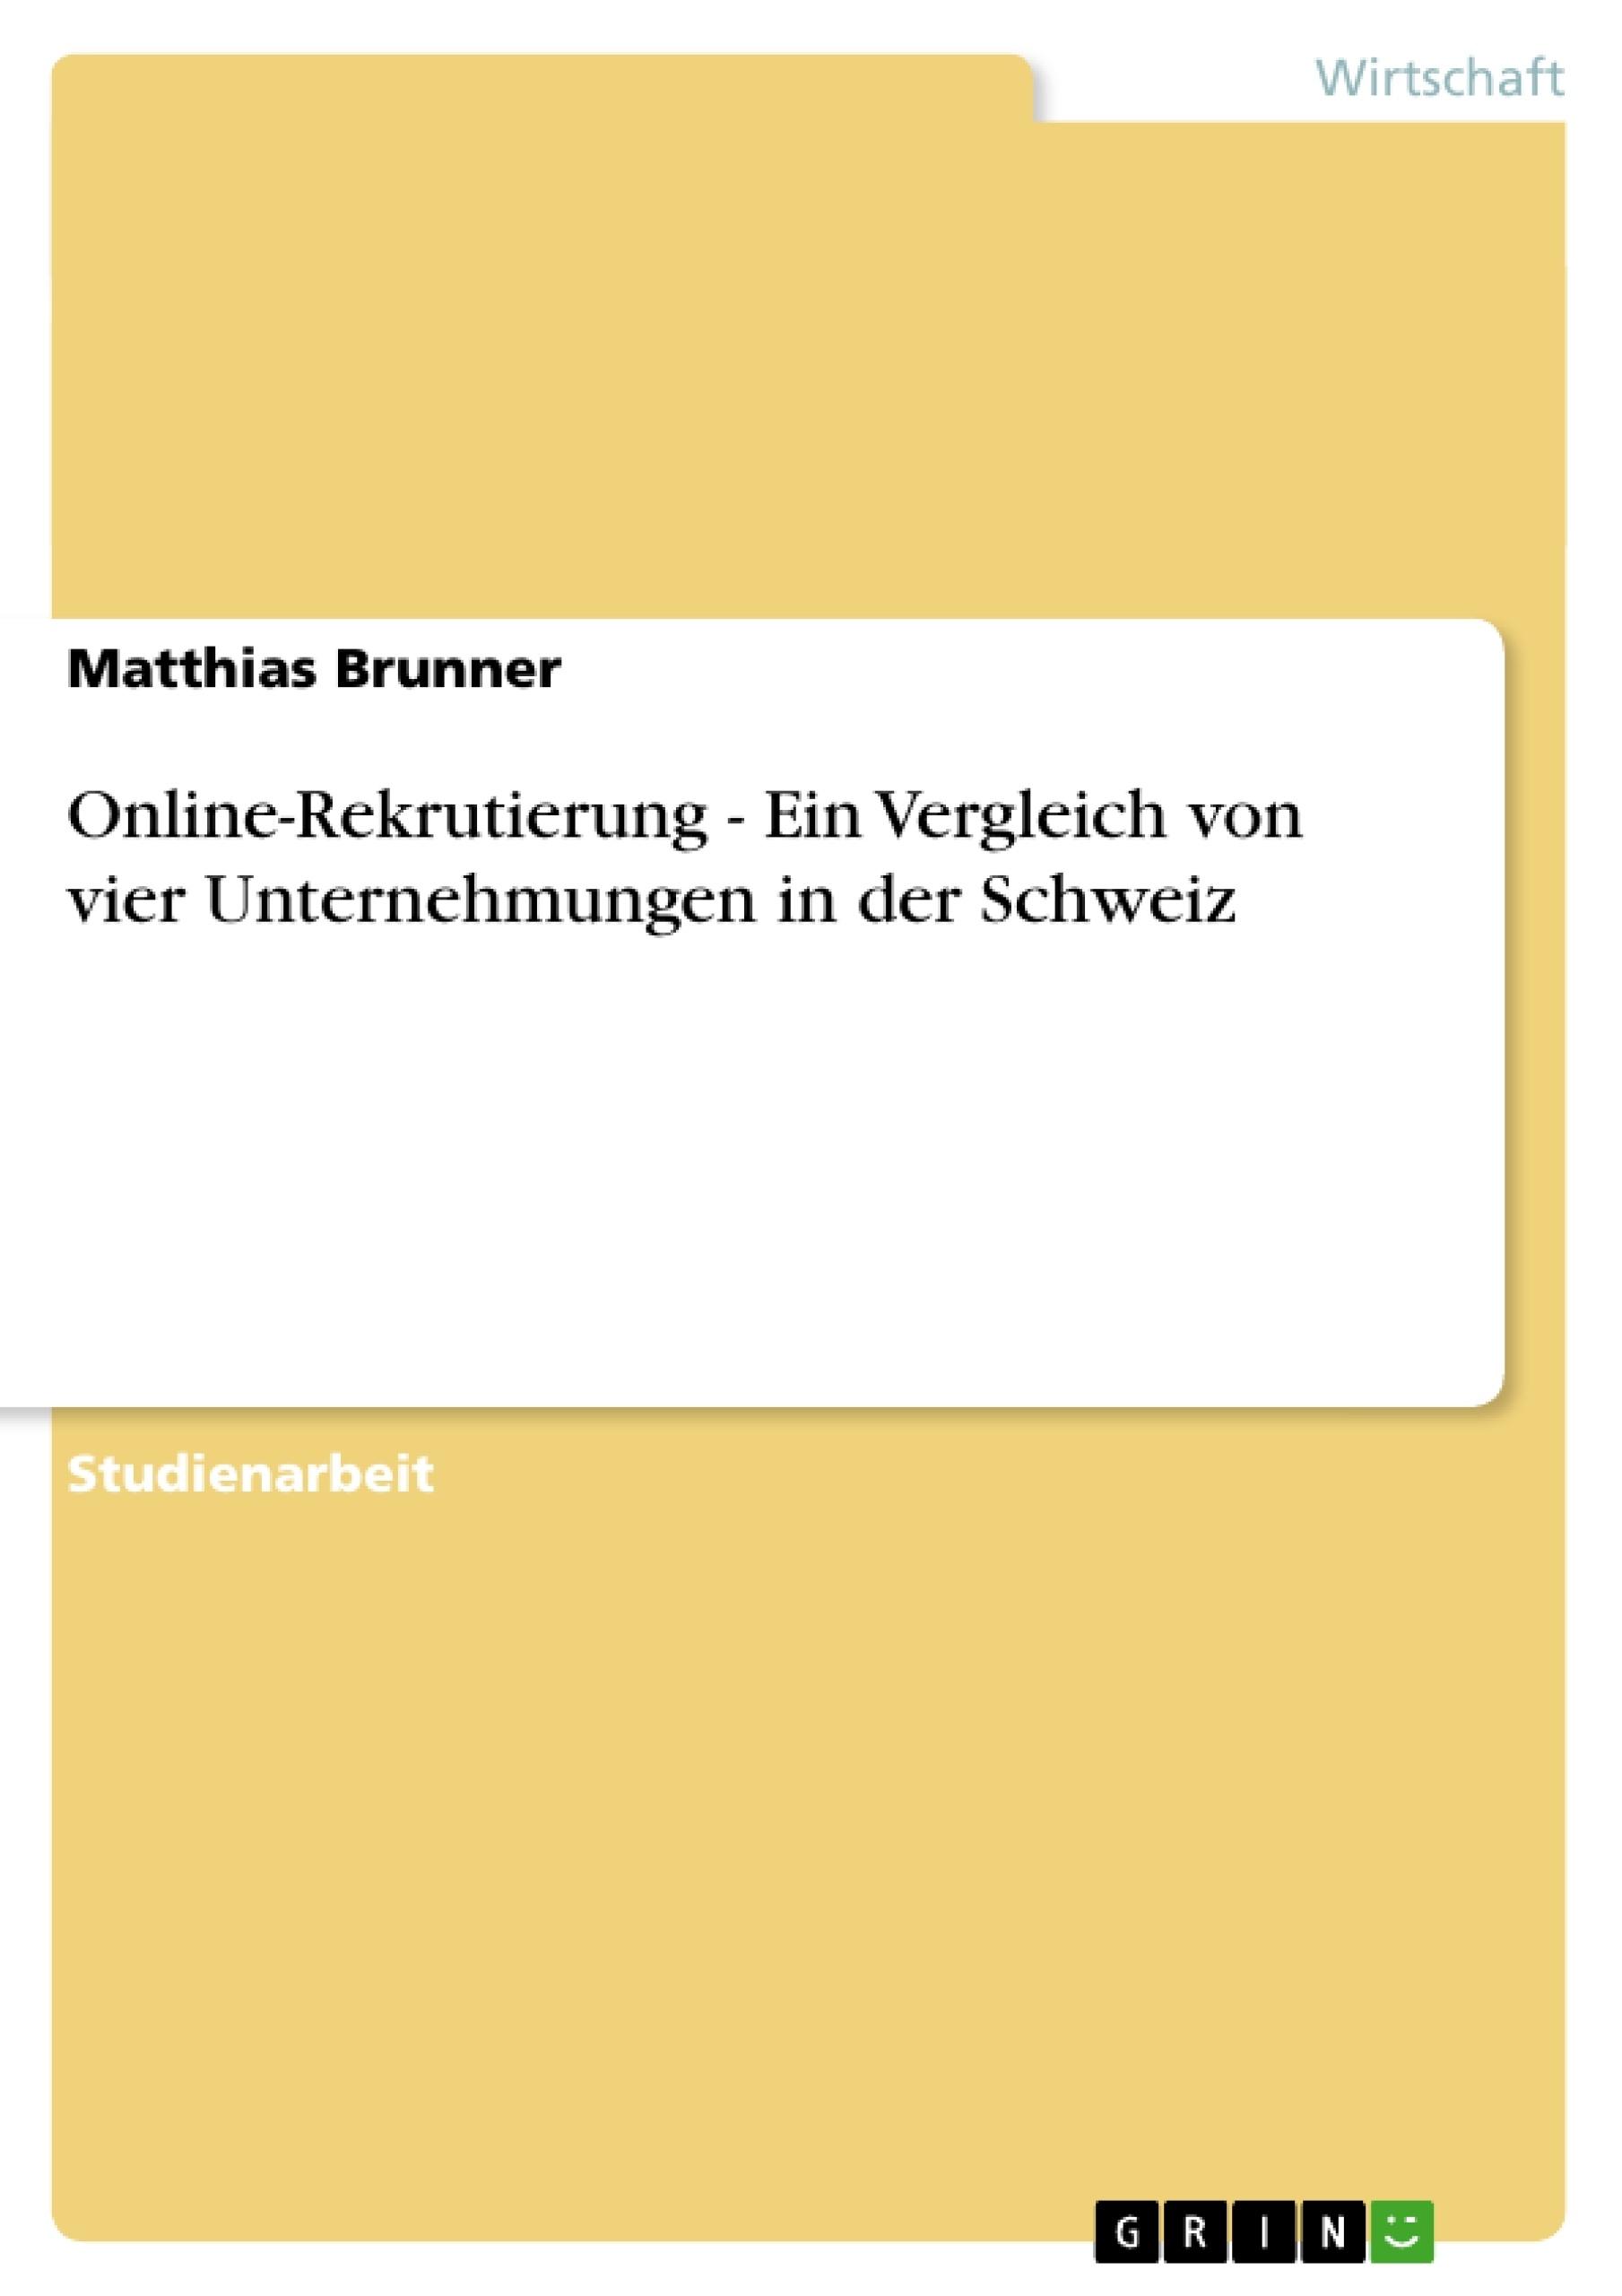 Titel: Online-Rekrutierung - Ein Vergleich von vier Unternehmungen in der Schweiz